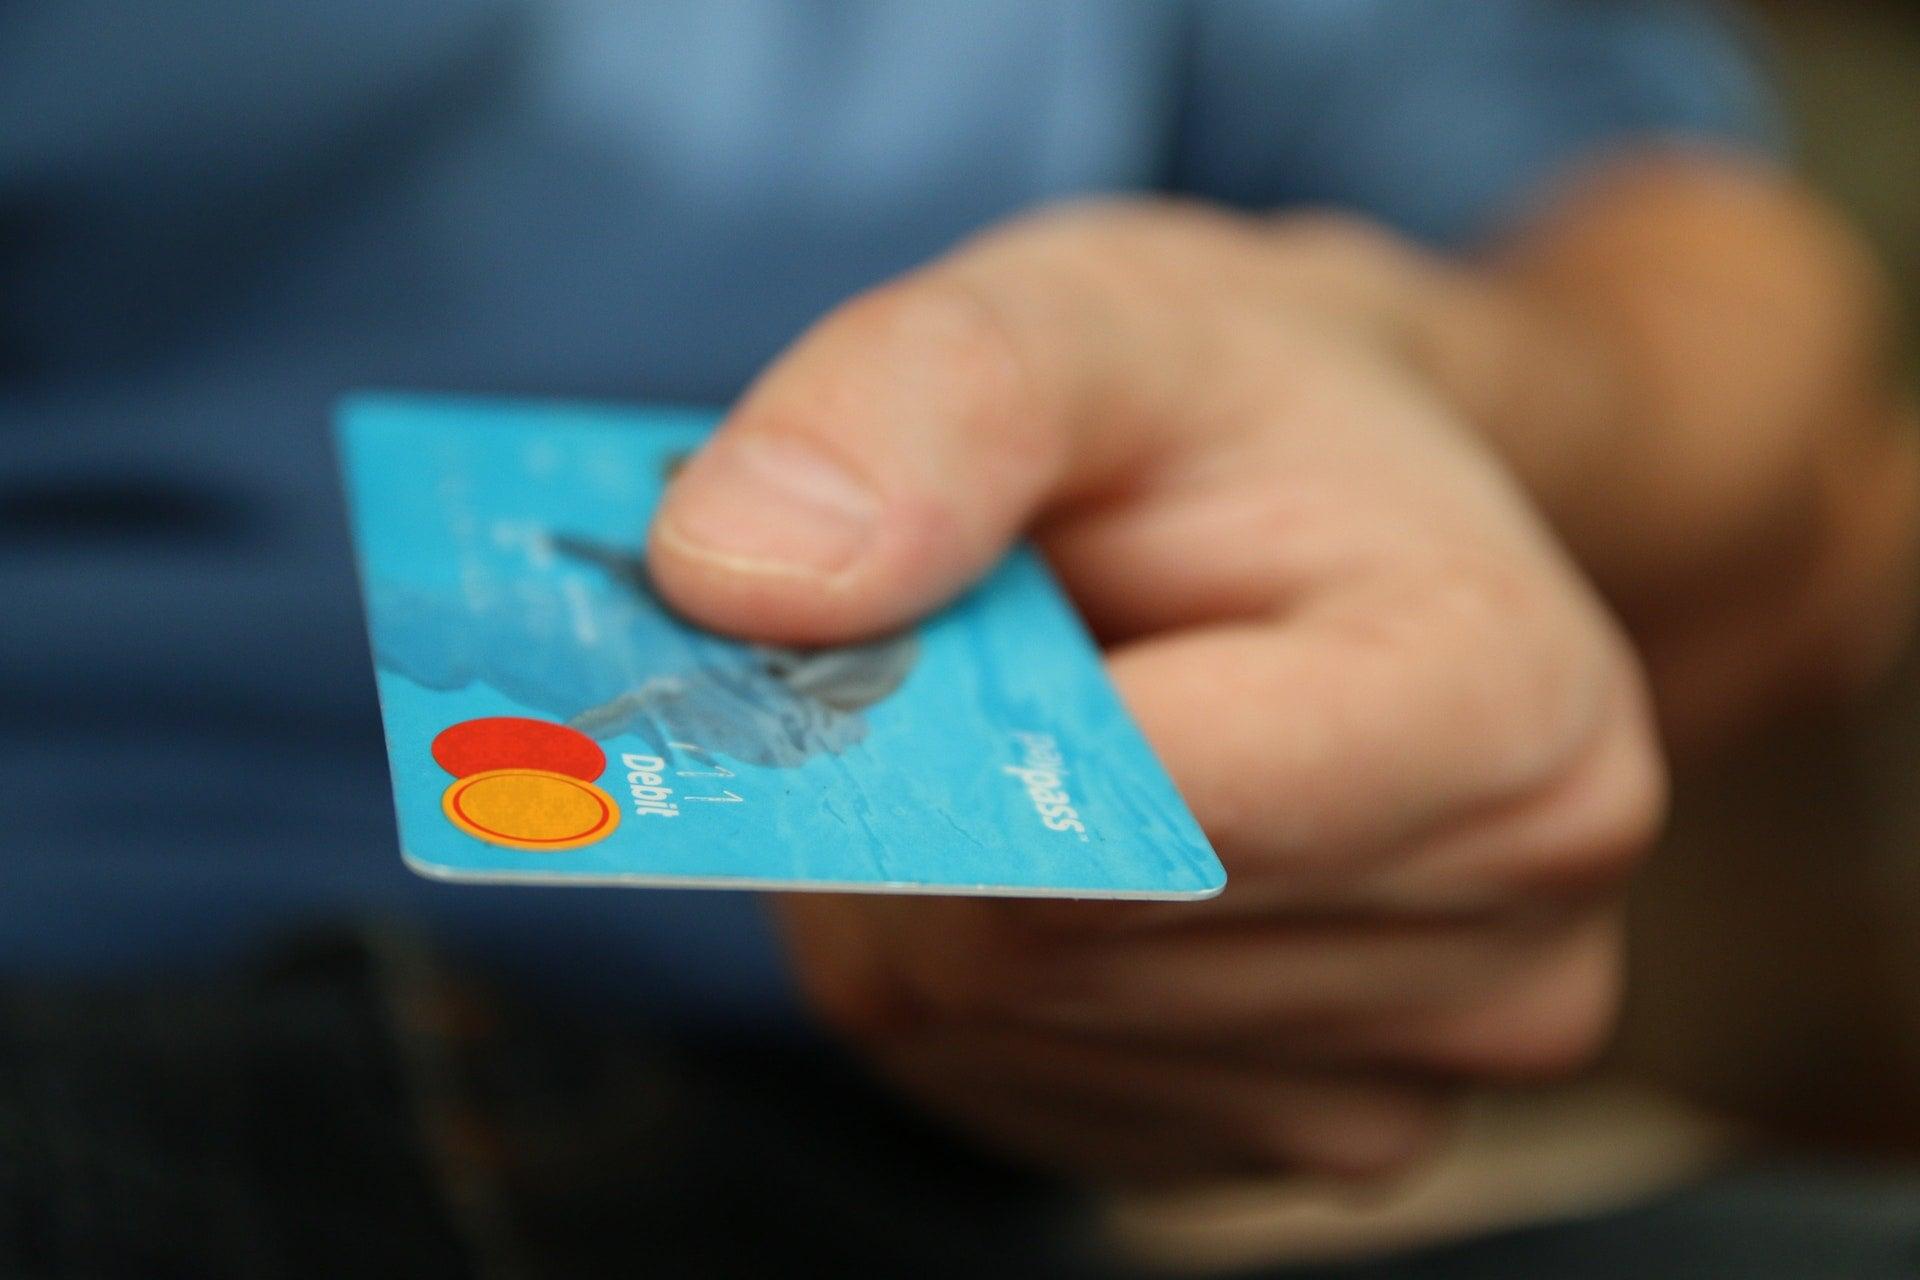 Mieszkańcy Polski są w czołówce klientów, którzy płacą zbliżeniowo za zakupy